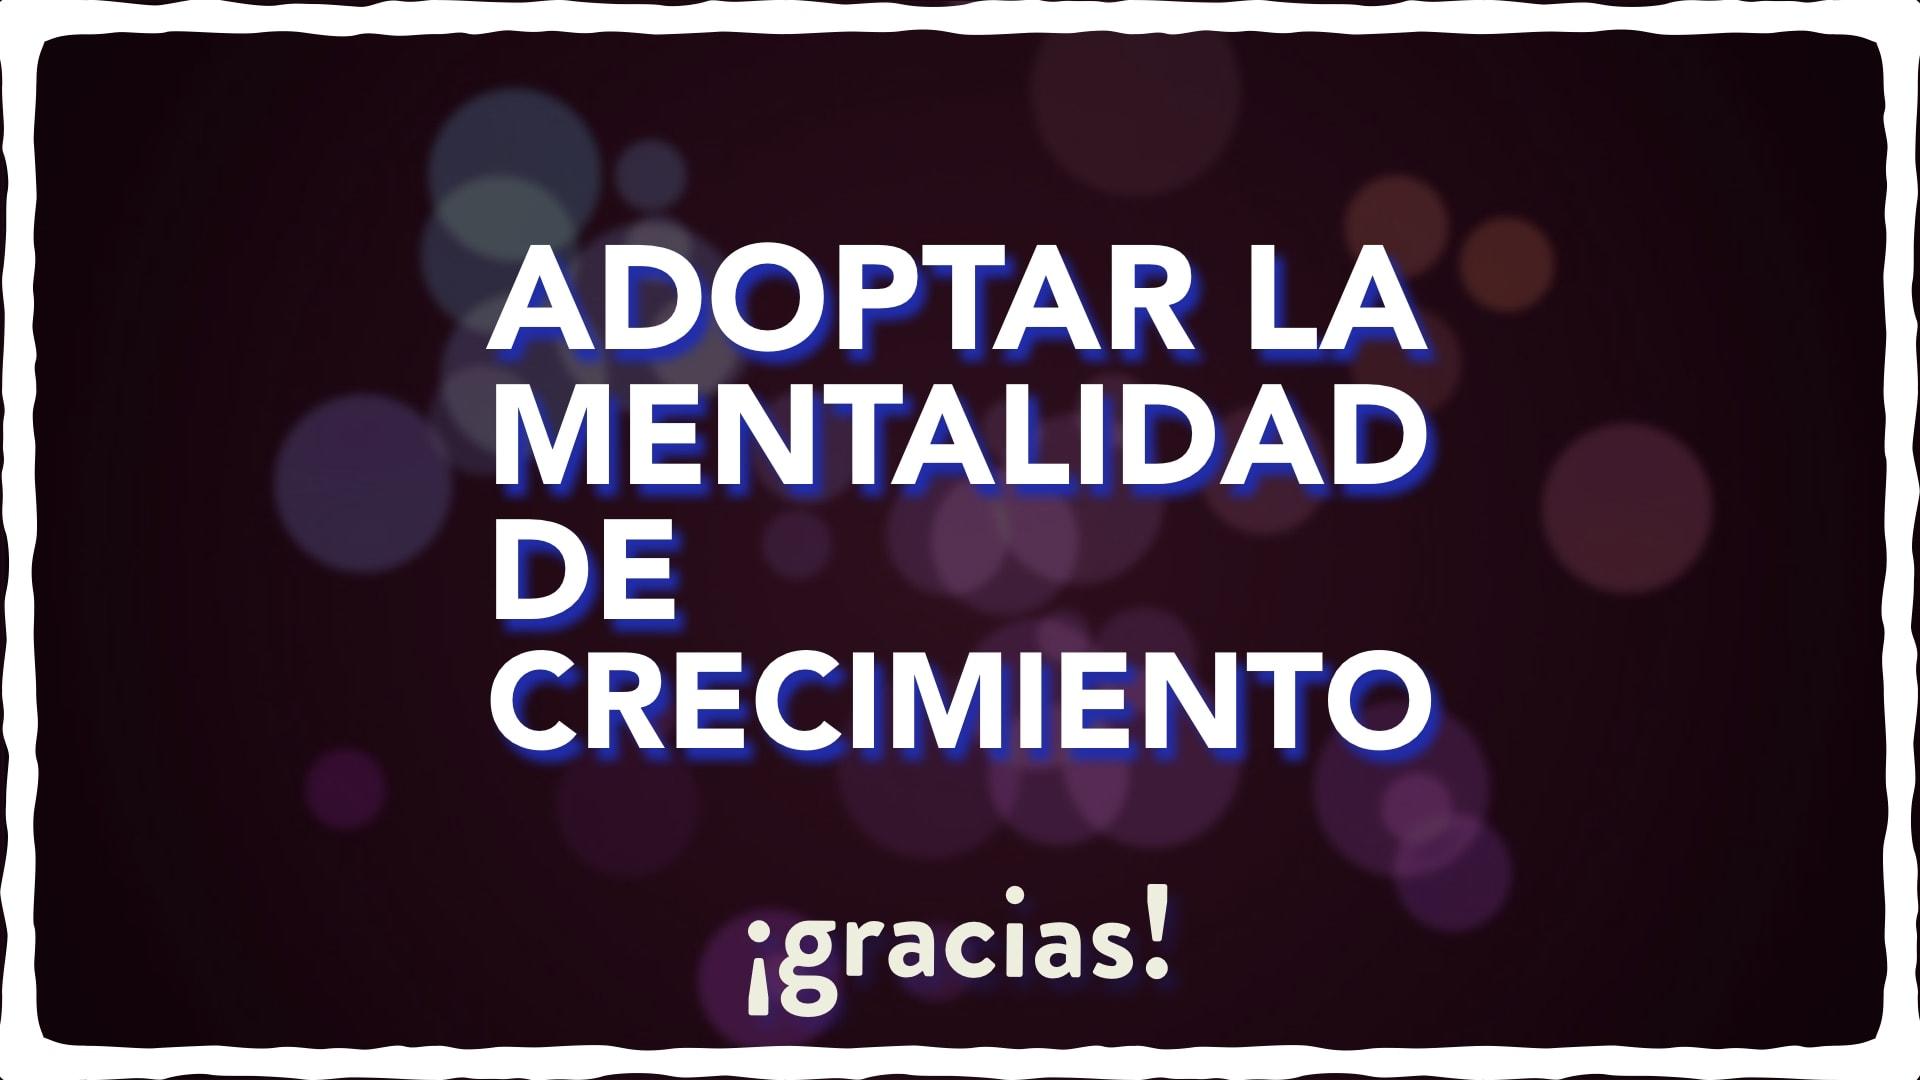 image from Mentalidad de Crecimiento